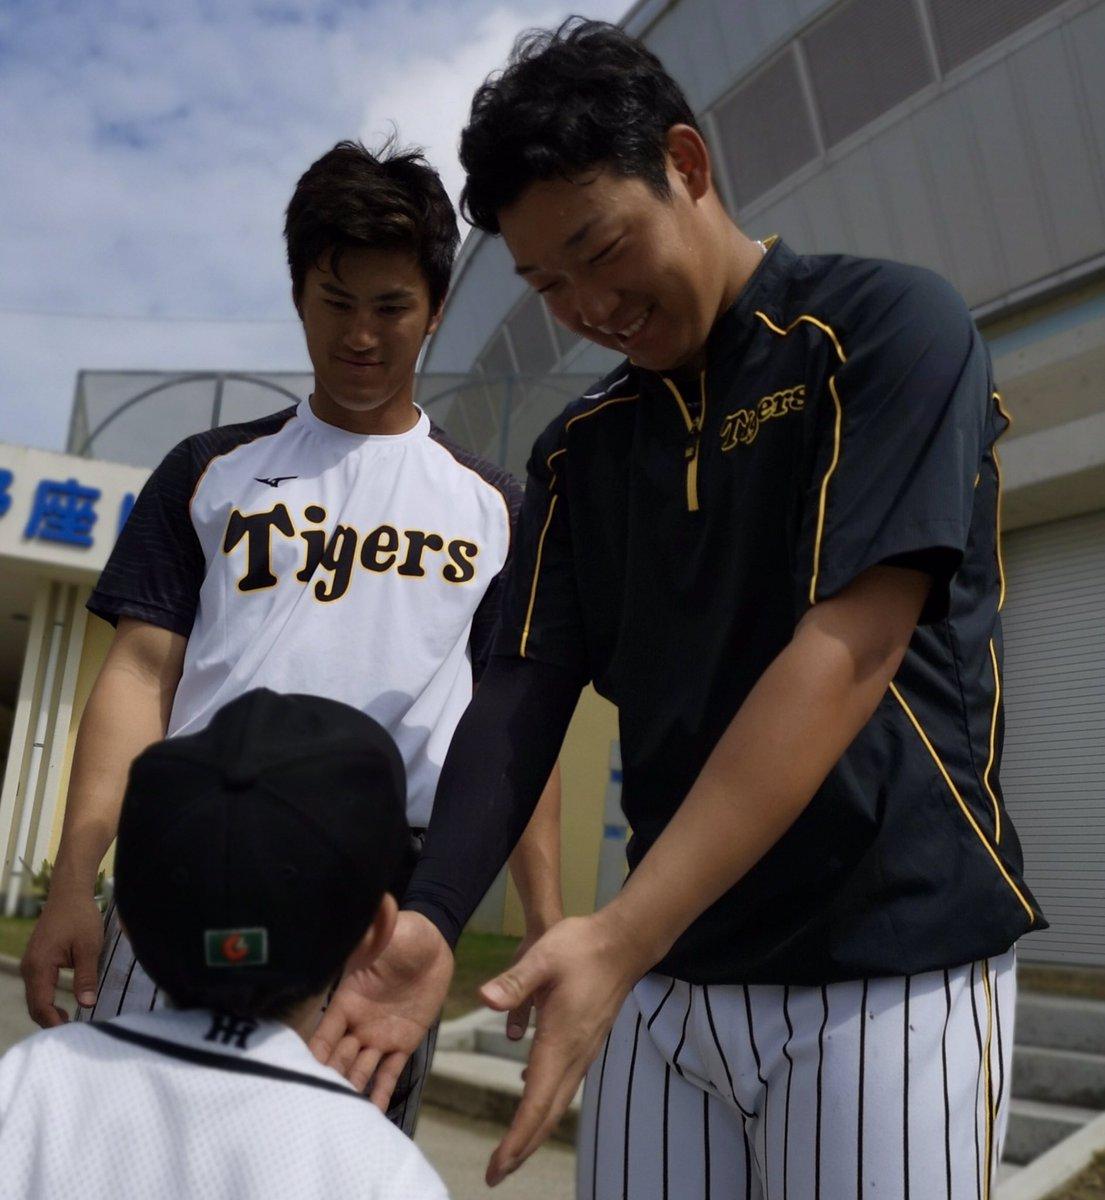 ツイッター 阪神 タイガース